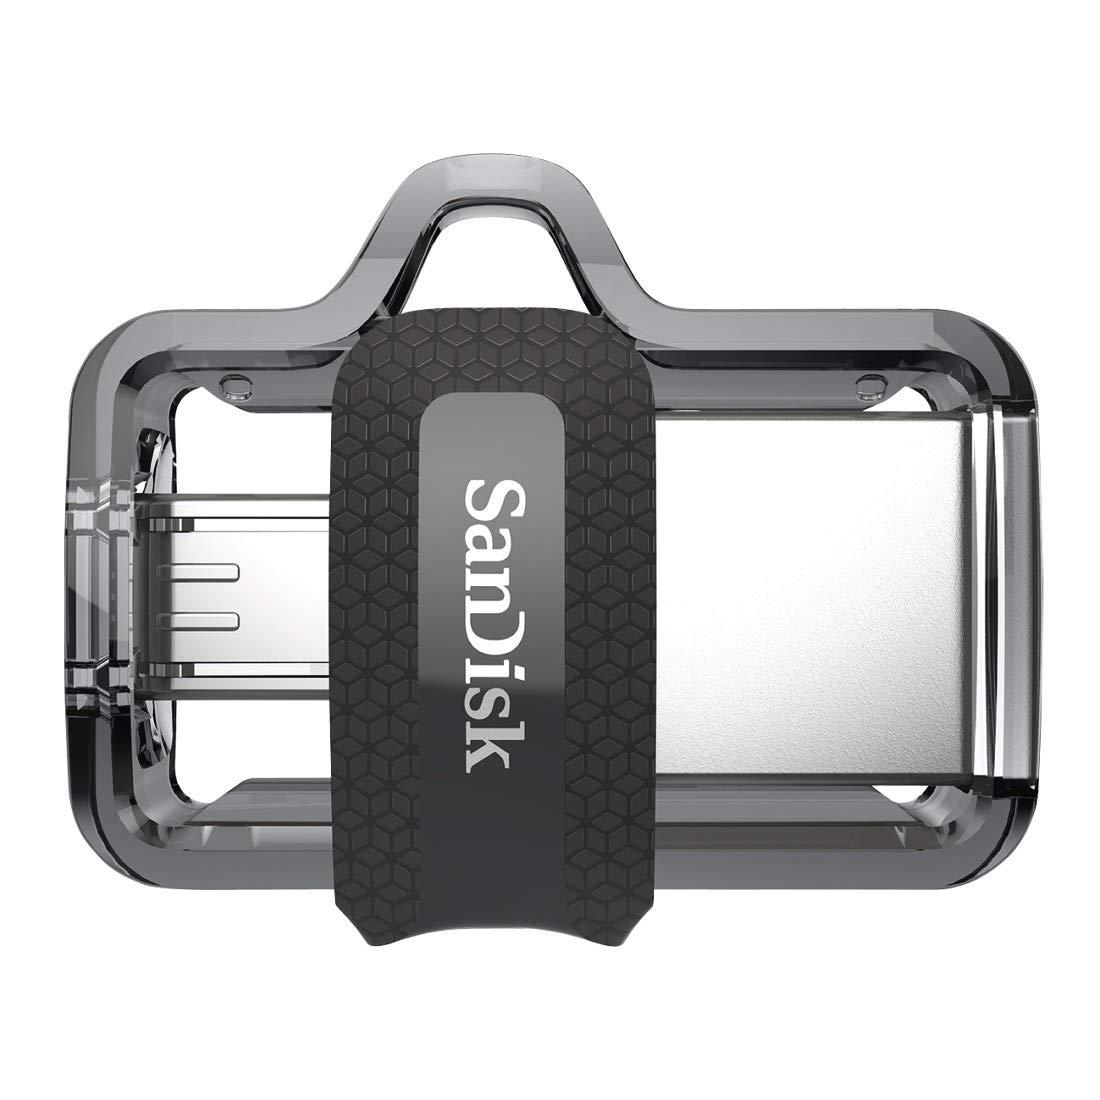 SanDisk Ultra 128GB Dual USB Flash Drive USB M3.0 up to 150 MB//s